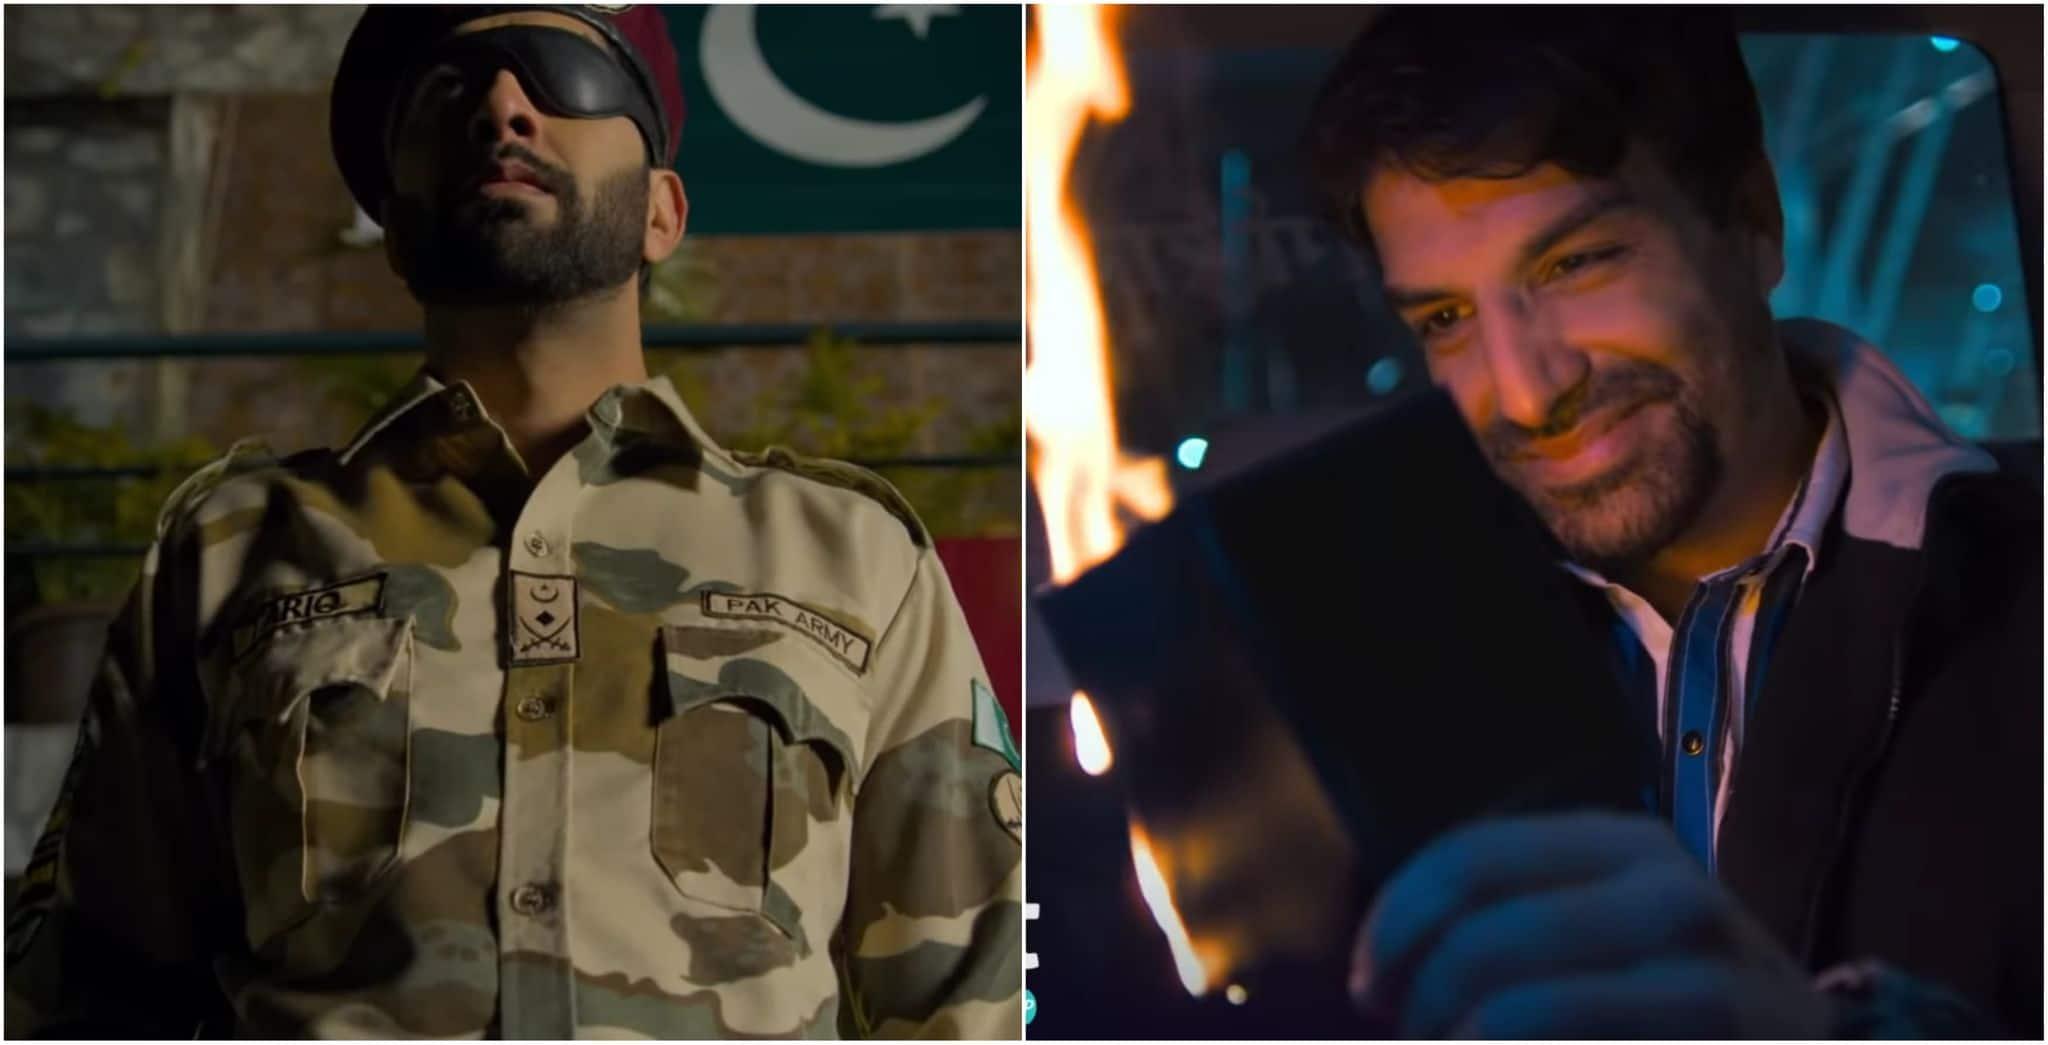 क्रैकडाउन: अमिताभ ने शेयर किया साकिब सलीम और इकबाल खान की सीरीज़ का फ़र्स्ट लुक, एक्शन की भरमार!